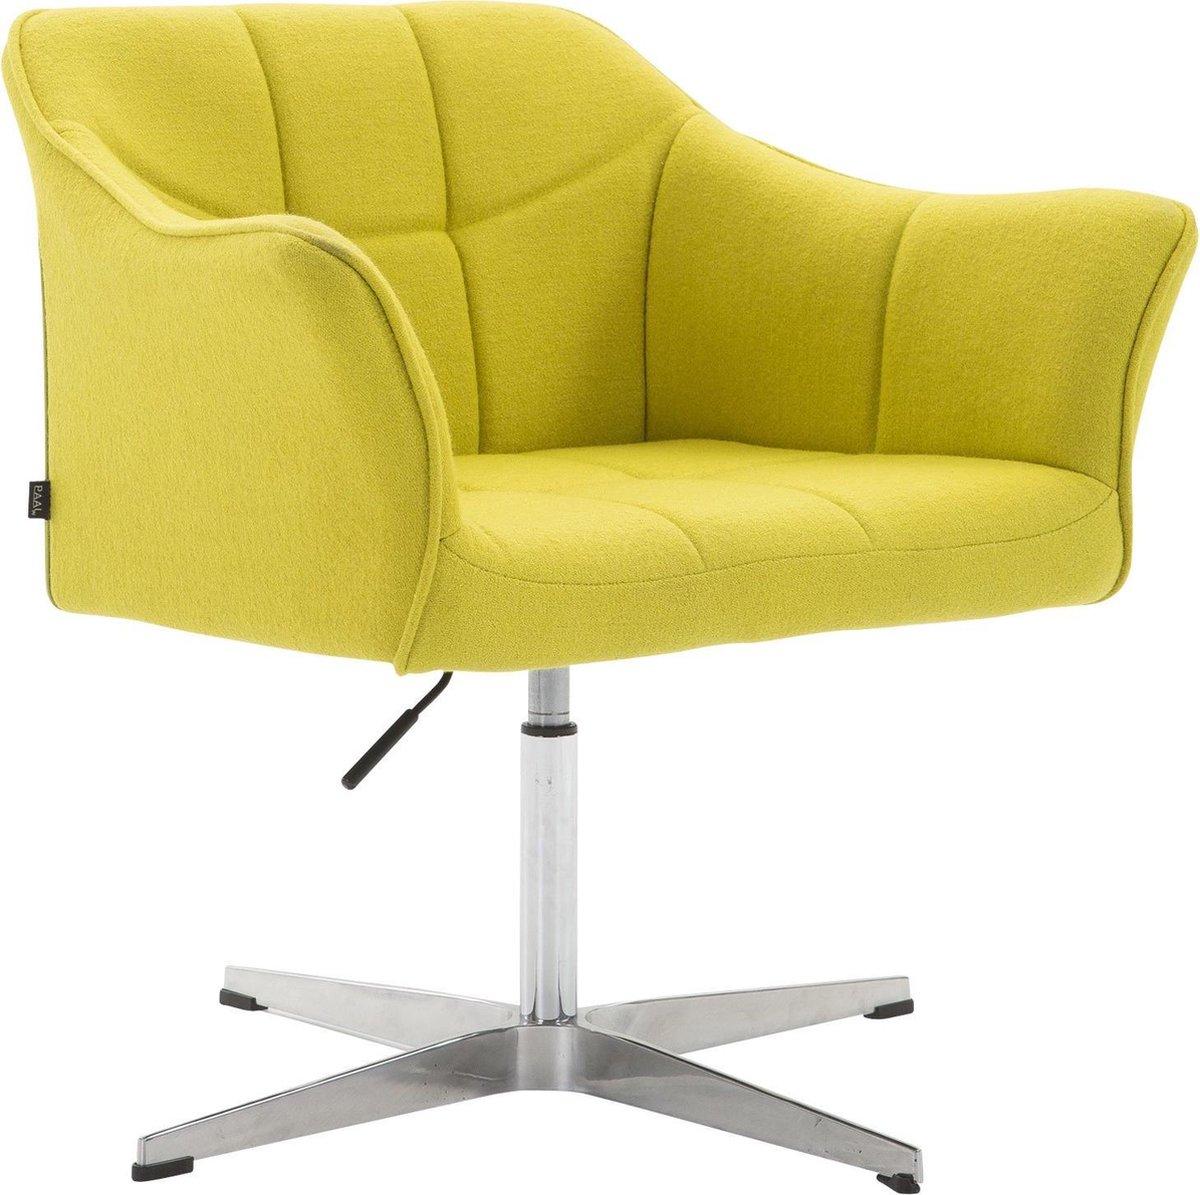 Clp Lounger JEAN, eetkamerstoel, relaxstoel, vergaderstoel, woonkamerstoel, wachtkamerstoel, in hoogte verstelbare fauteuil, Zithoogte van 41 54 cm,